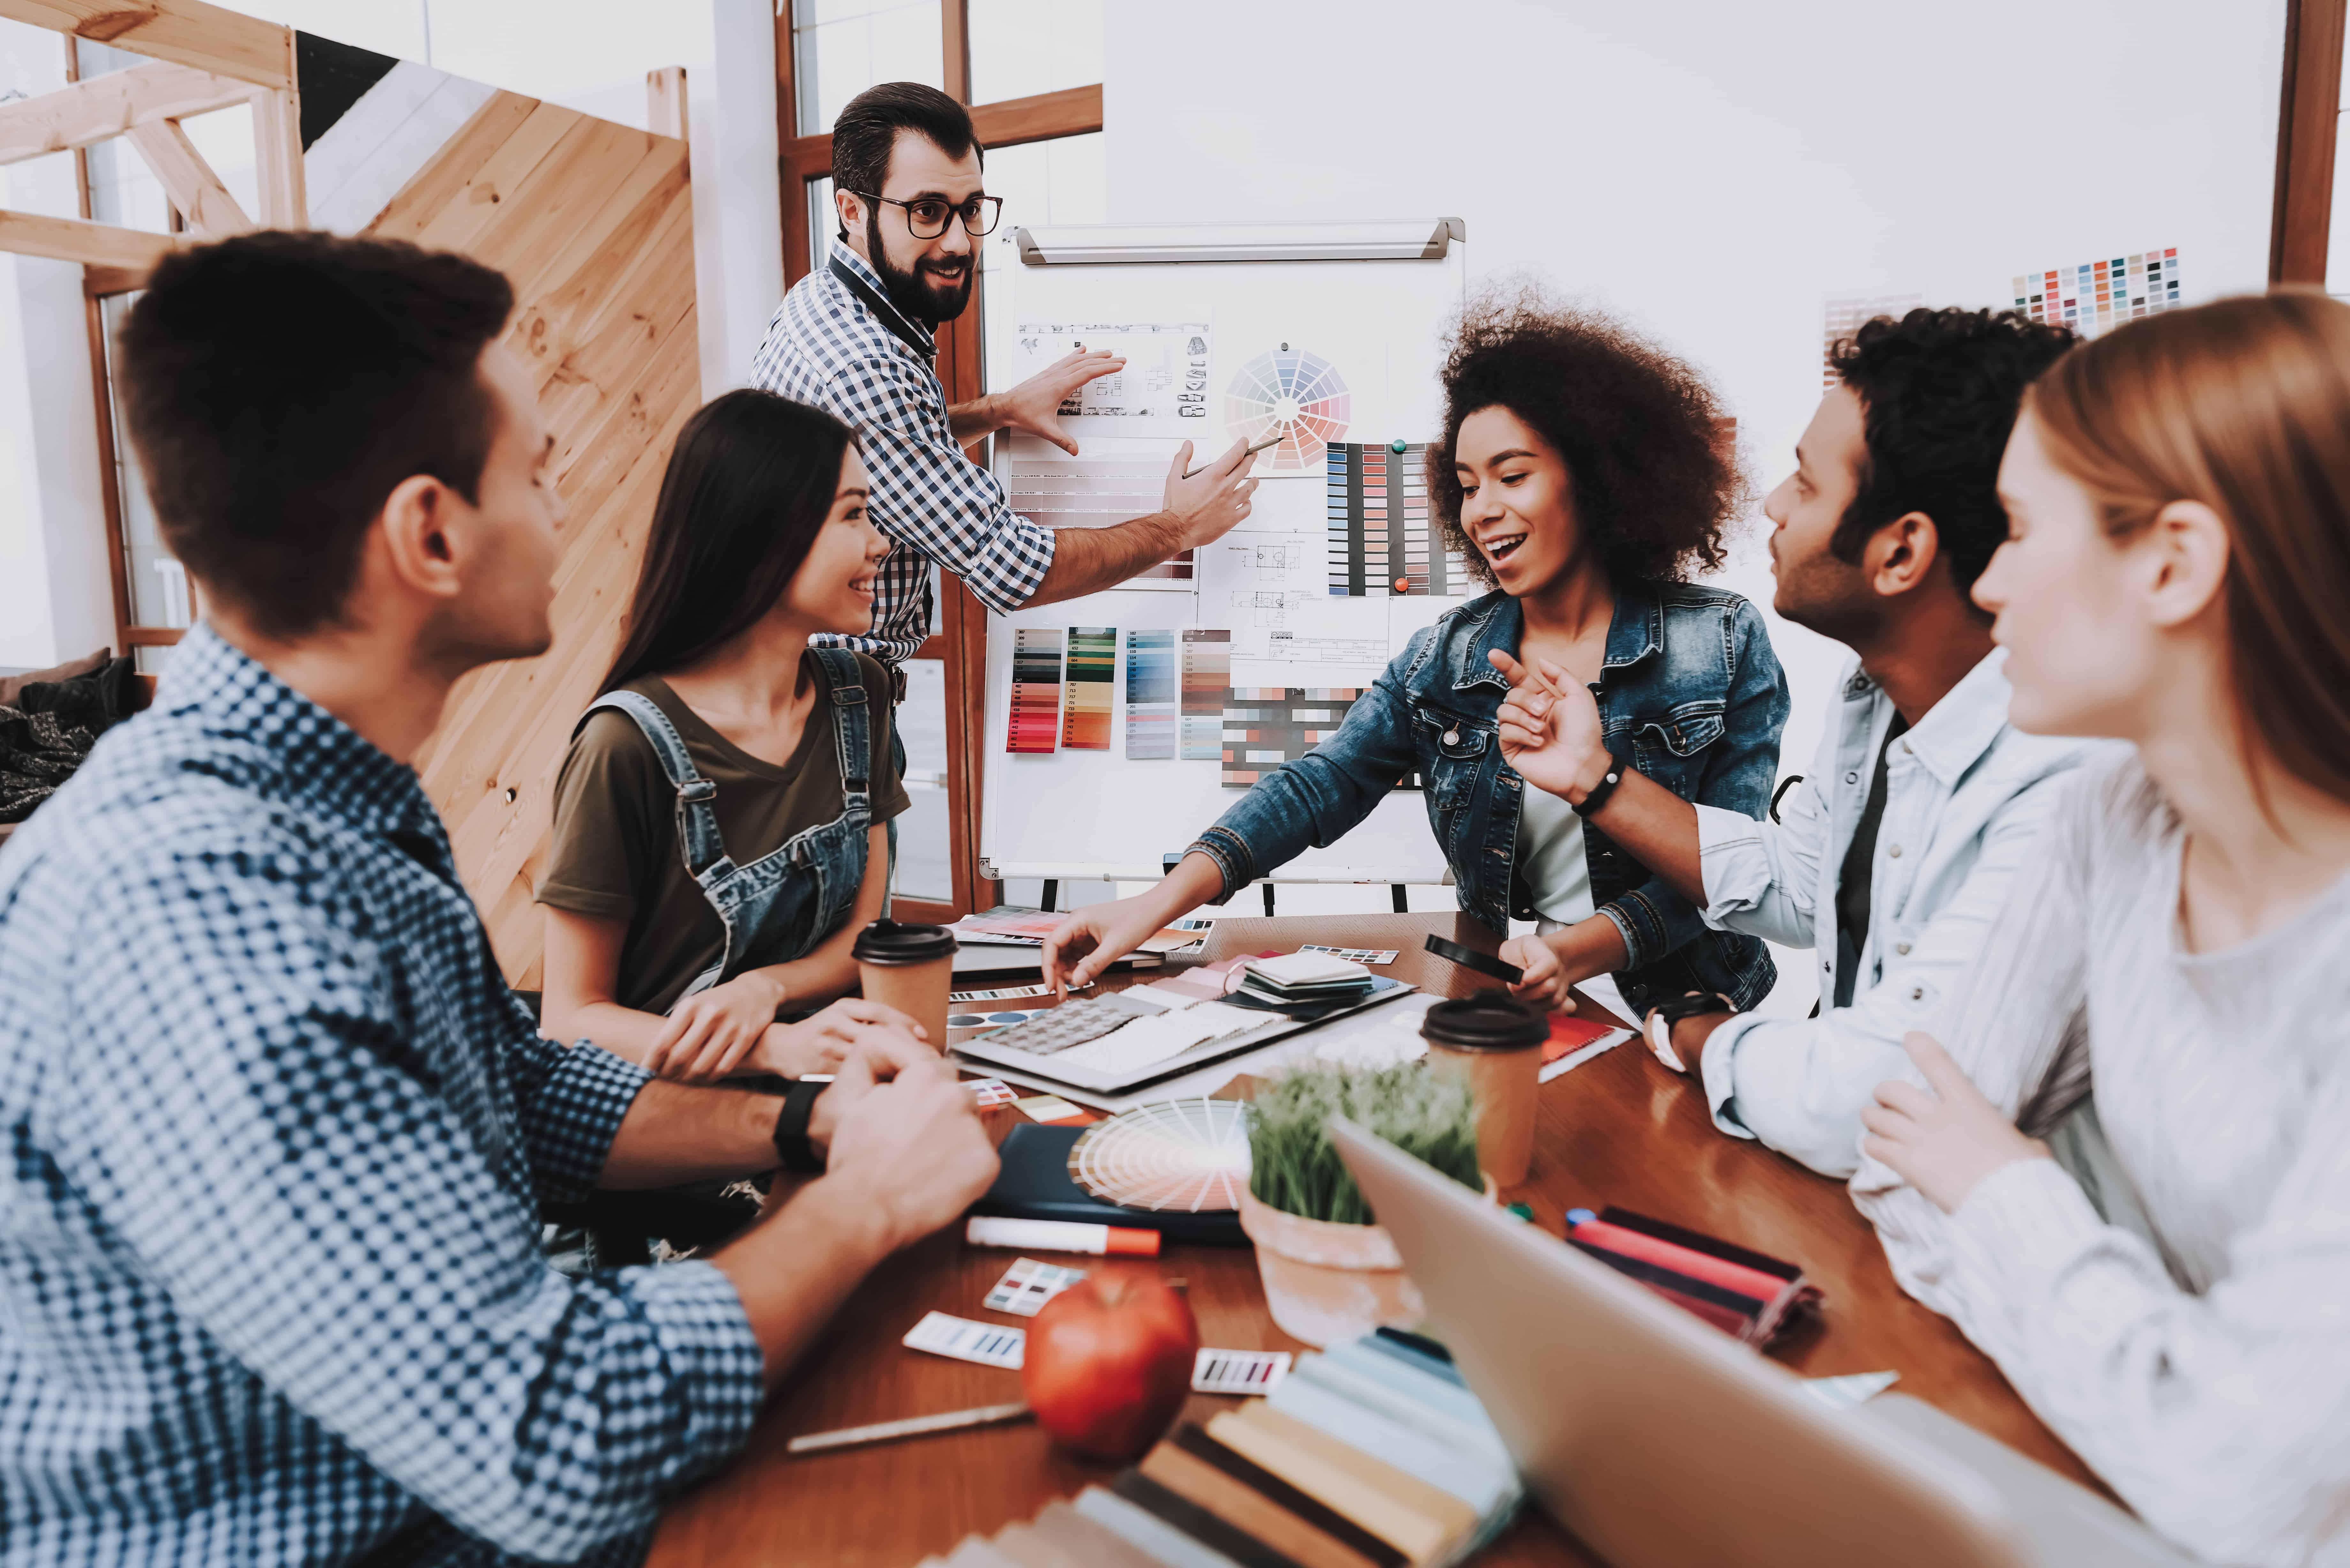 Diskussionen und Konflikte im Team führen zu der besten Lösung!